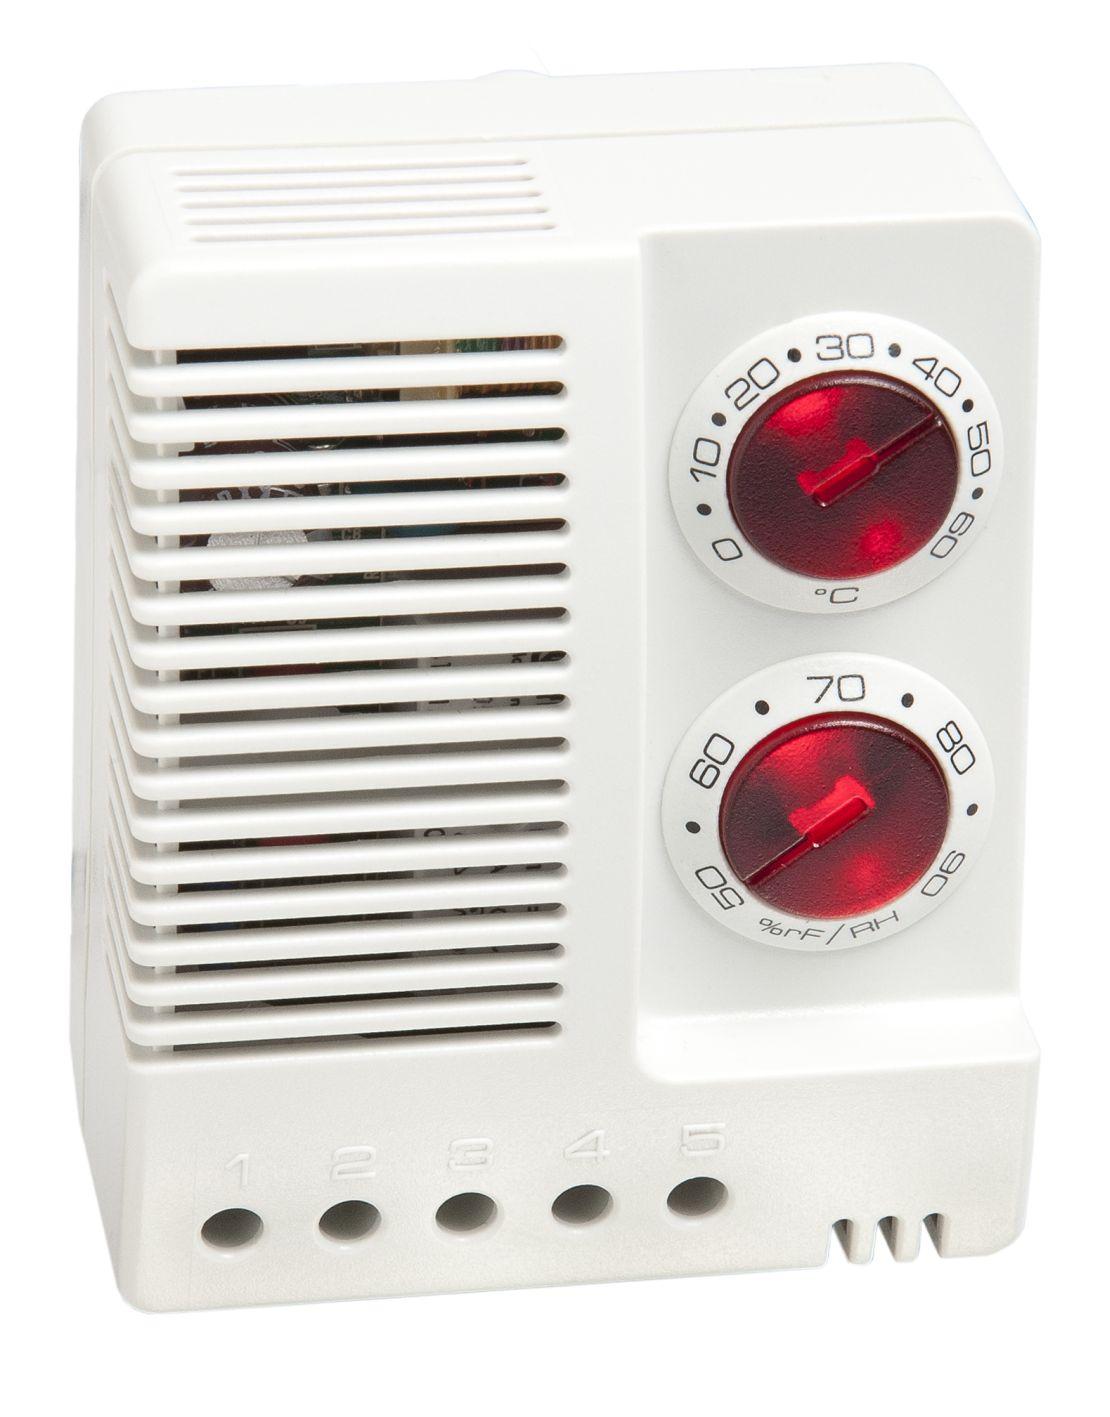 1 Stk Elektrischer Feuchtigkeits- und Temperaturregler IU008560-A